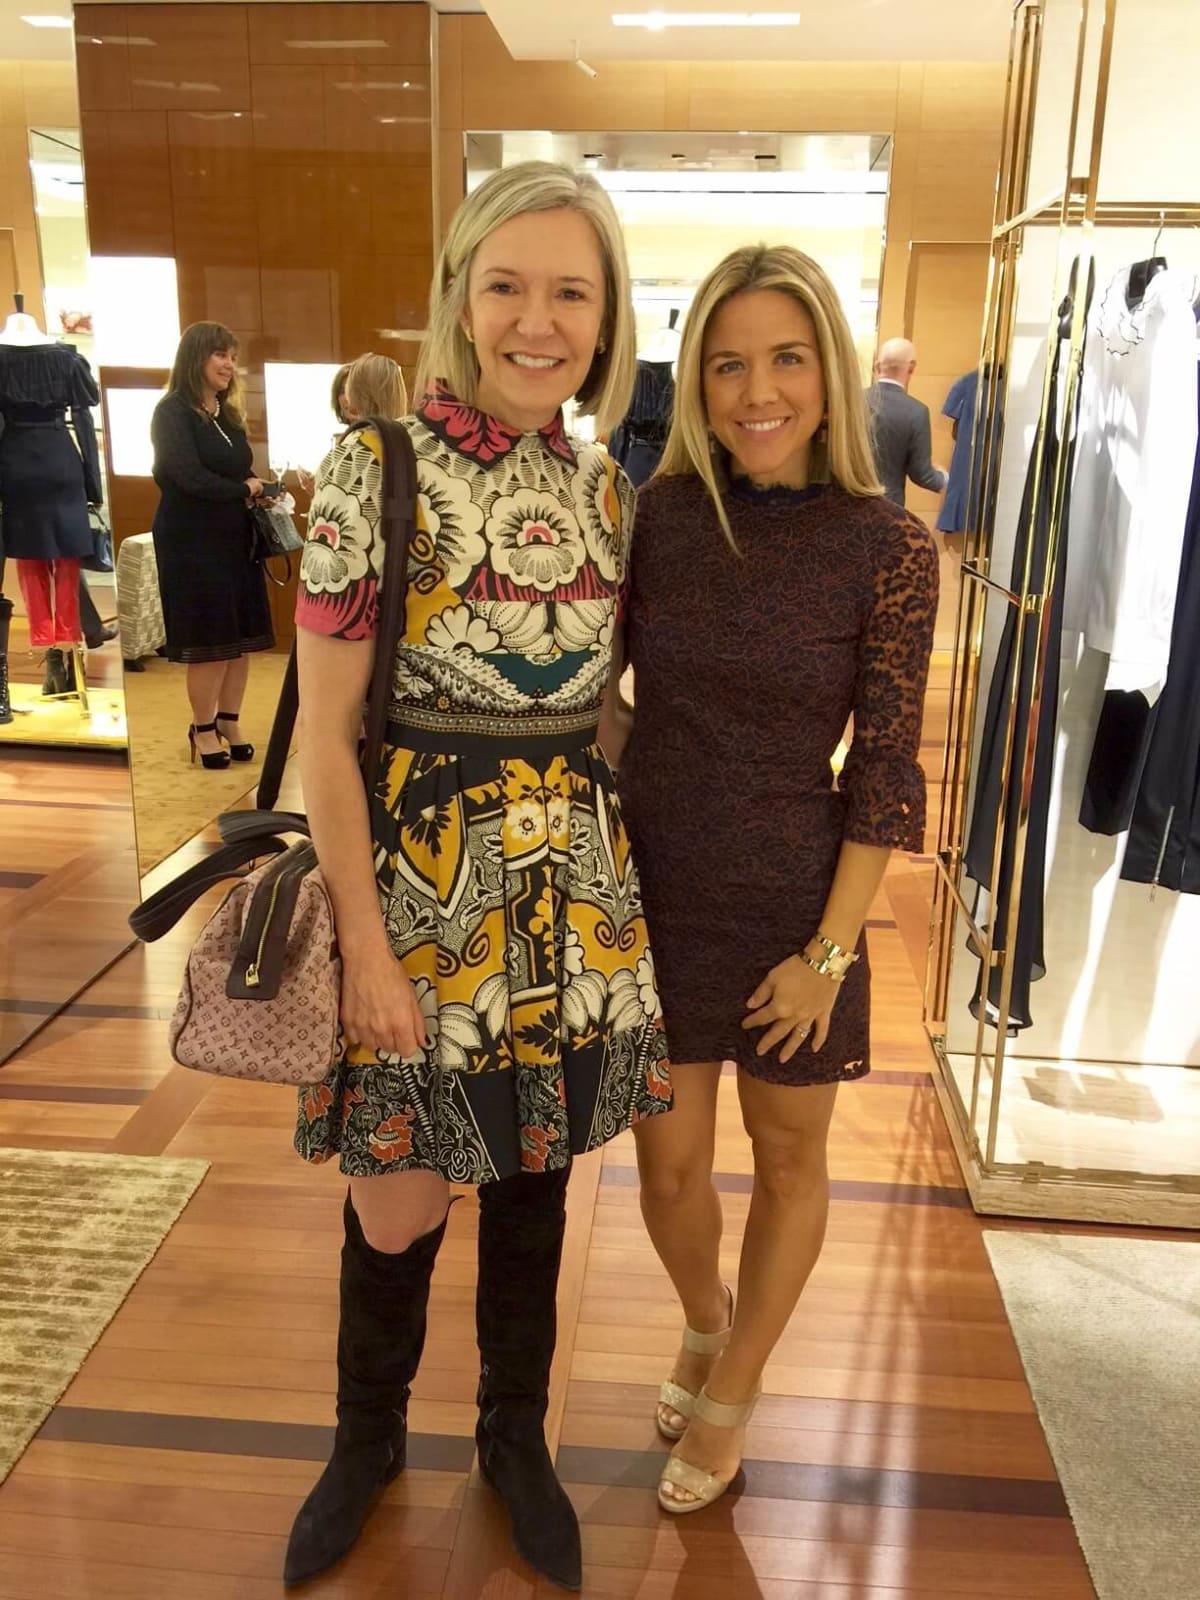 Vogue, Louis Vuitton lunch, 9/26 Katie Brass, Cara Crowley